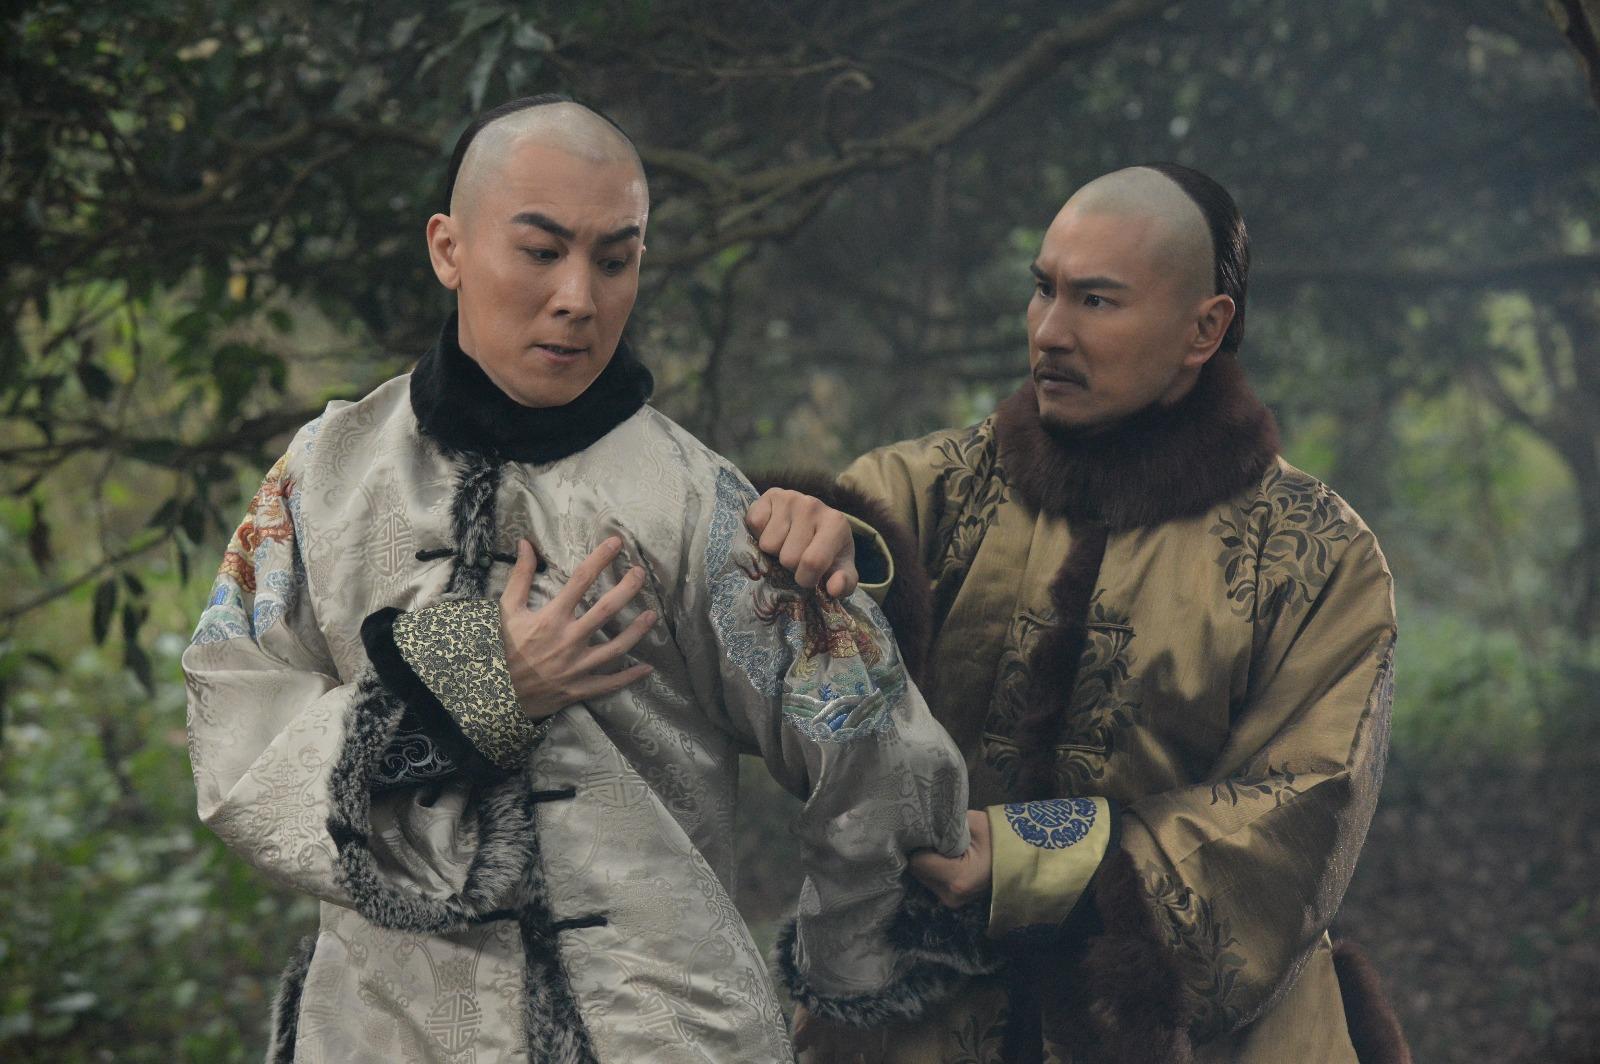 無綫劇集《天命》中他與陳展鵬幾乎都要鬥戲,令人對他的演技另眼相看。